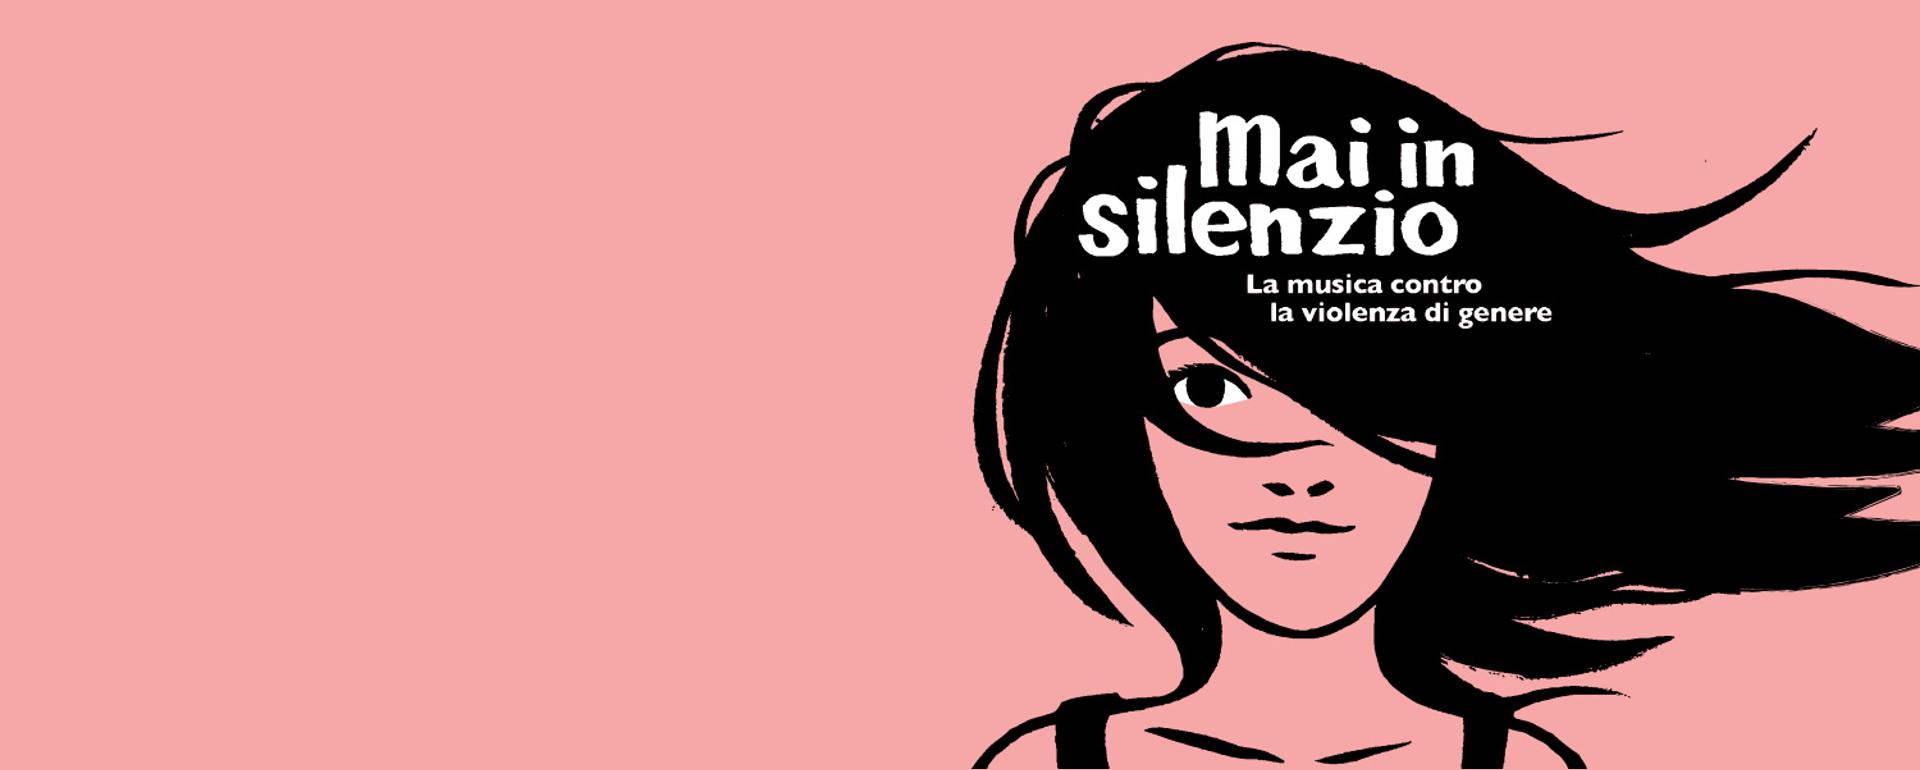 https://giovanisi.it/2018/07/12/mai-in-silenzio-la-musica-contro-la-violenza-di-genere-2/